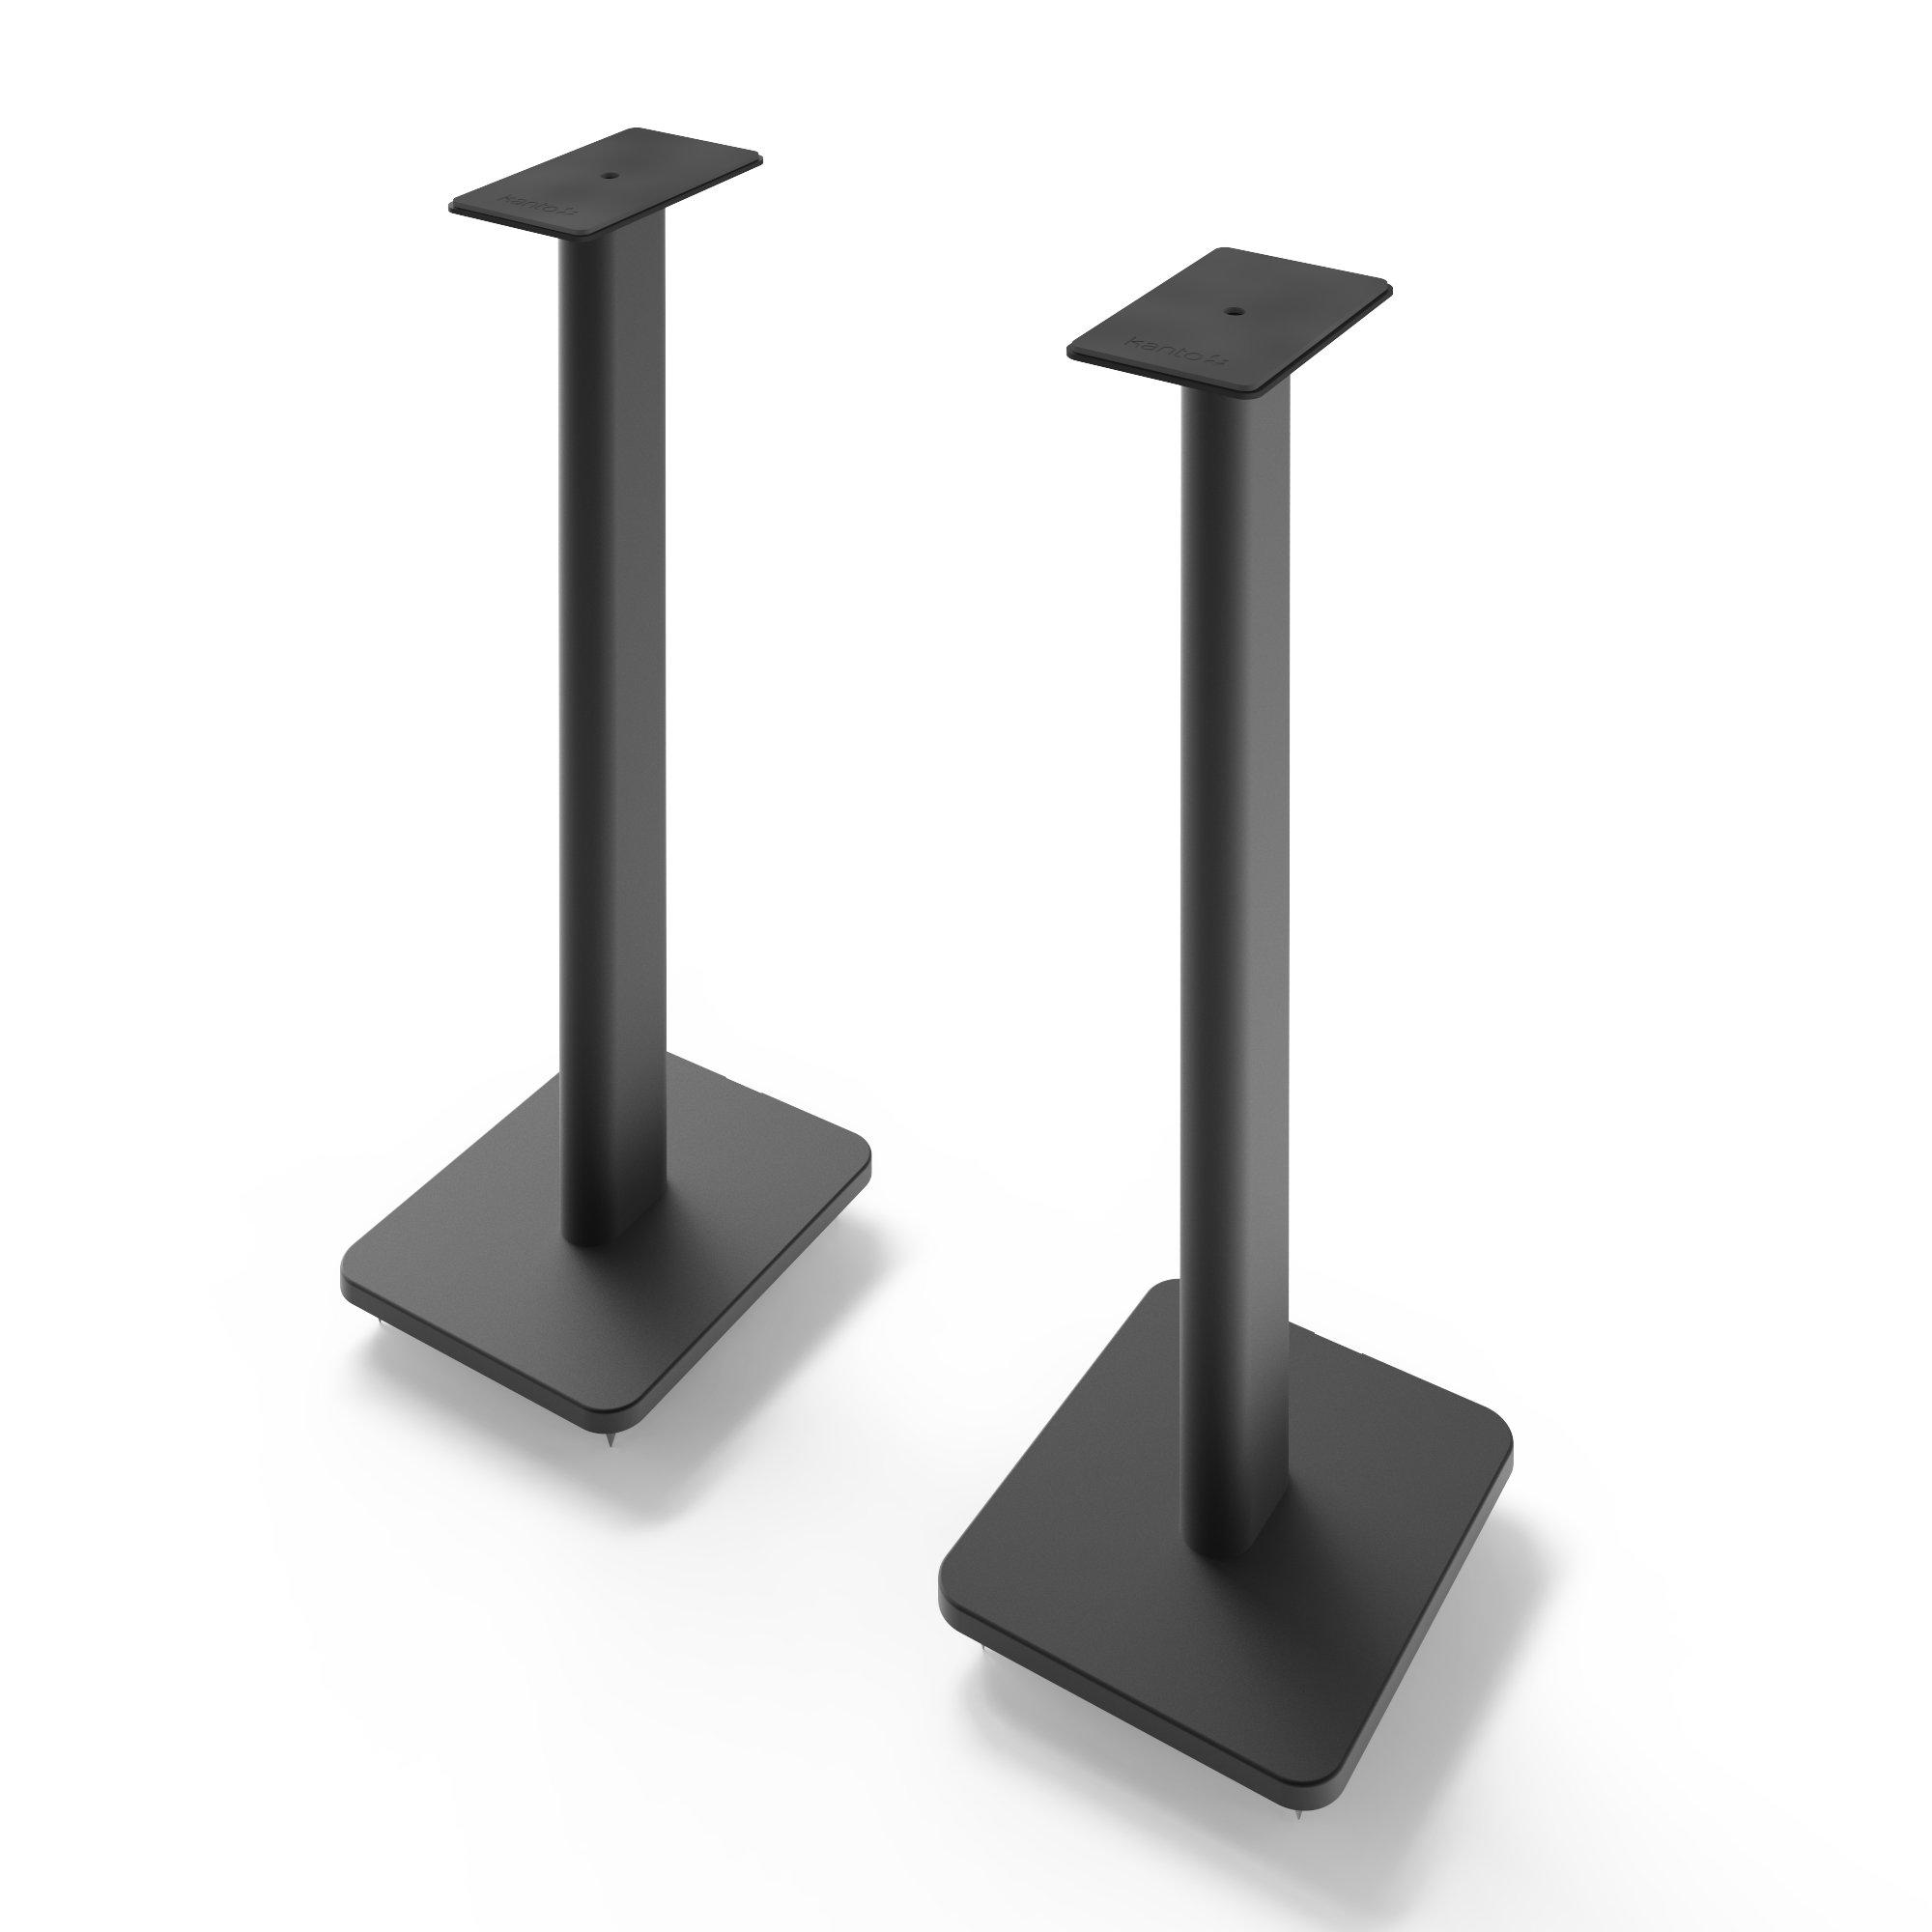 Kanto SP26PL 26'' Bookshelf Speaker Stands, Black by Kanto